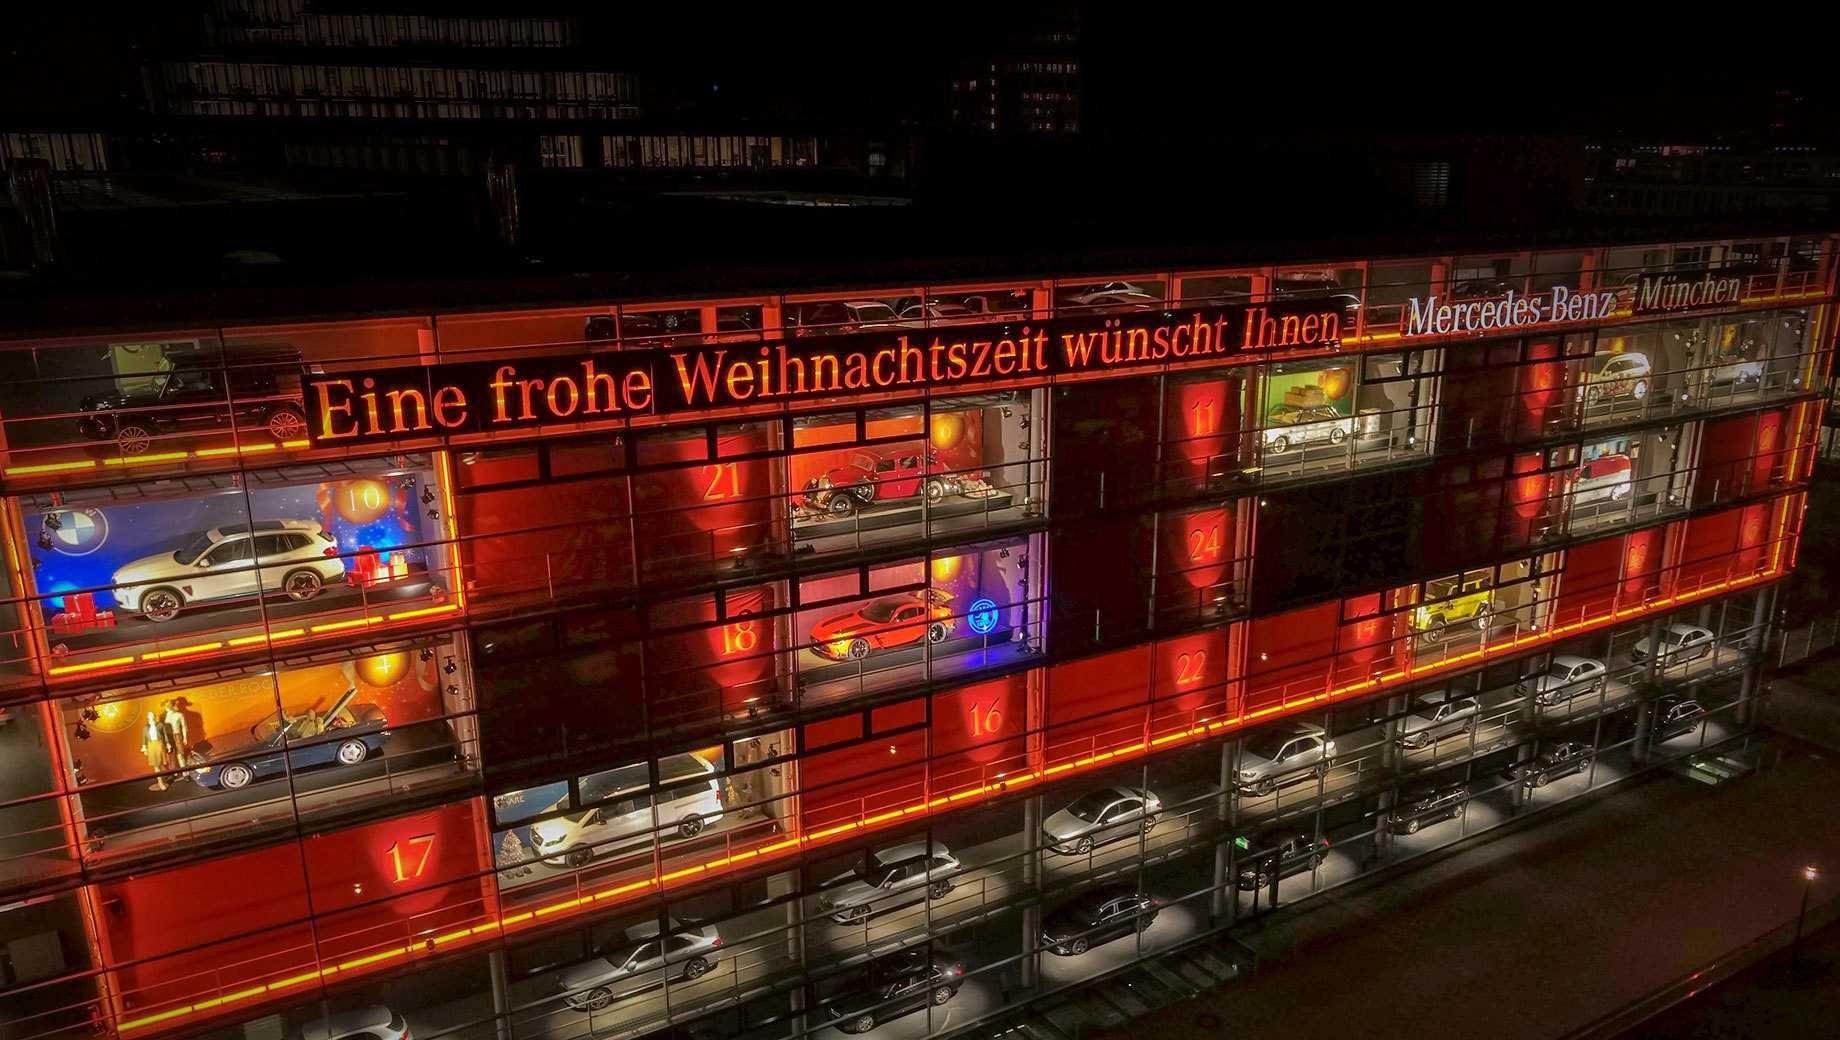 Mercedes-Benz иBMW проявили солидарность вМюнхене — ДРАЙВ